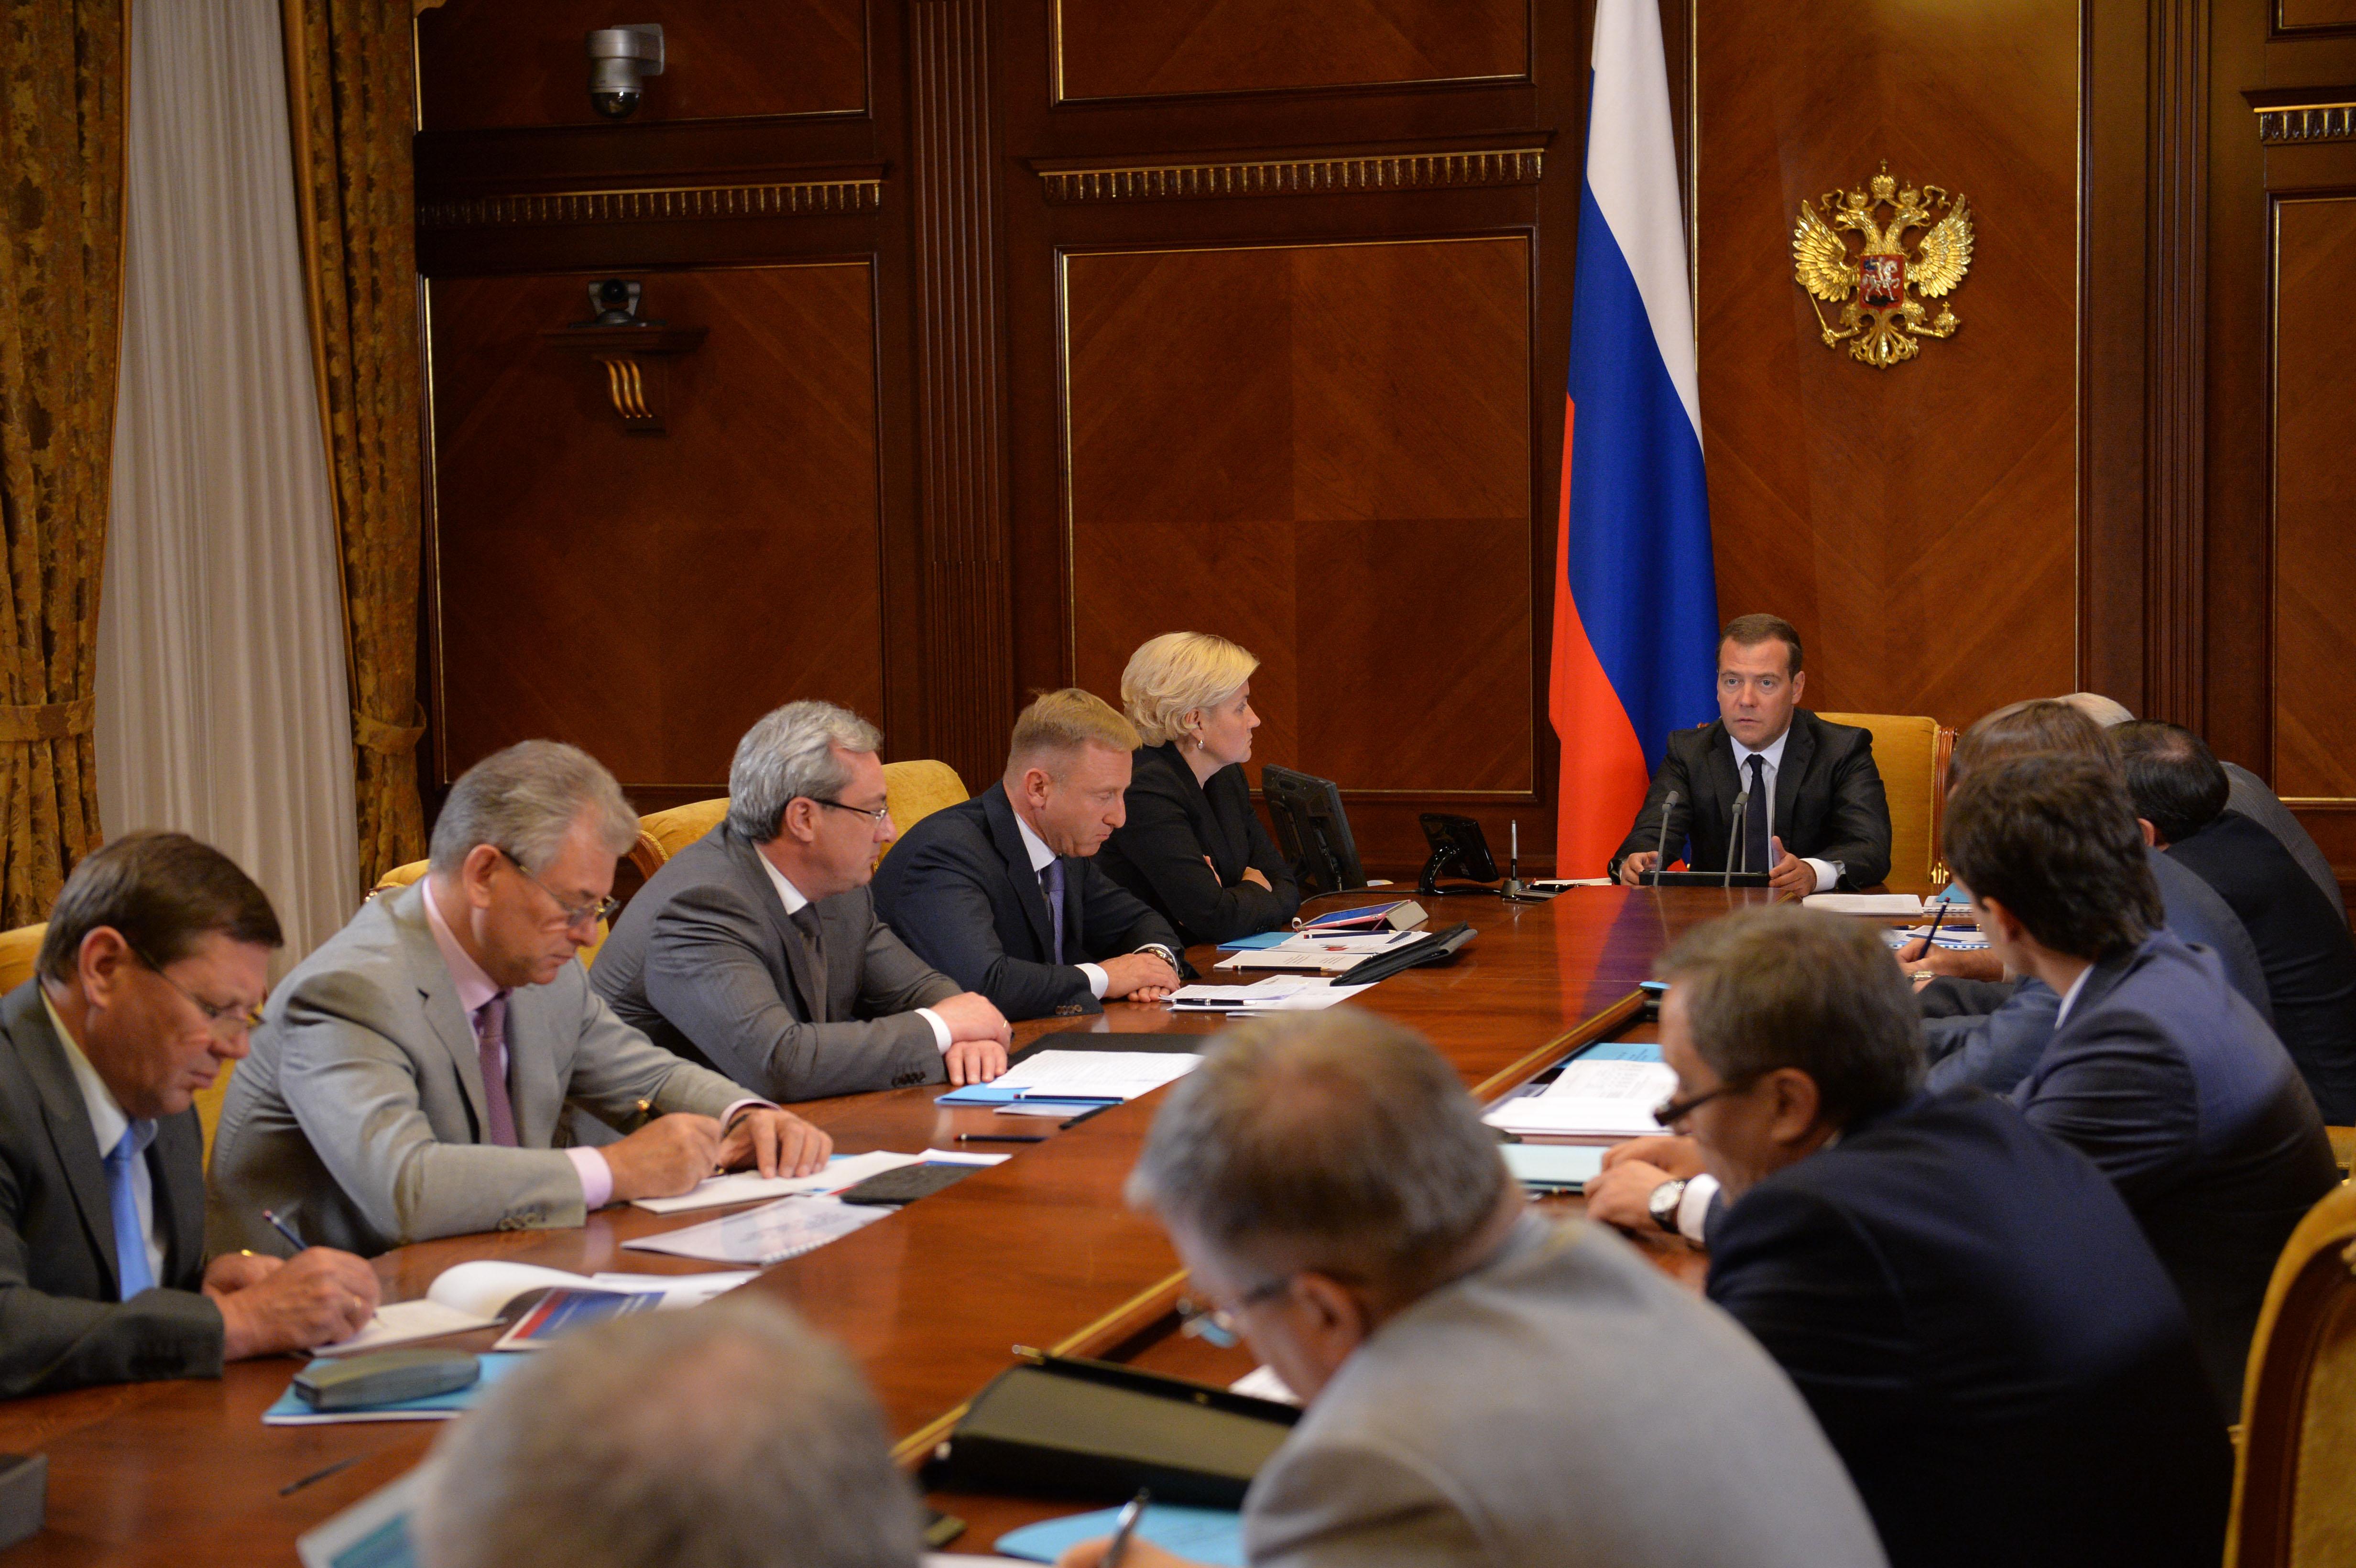 Премьер-министр России Дмитрий Медведев на совещании с членами правительства